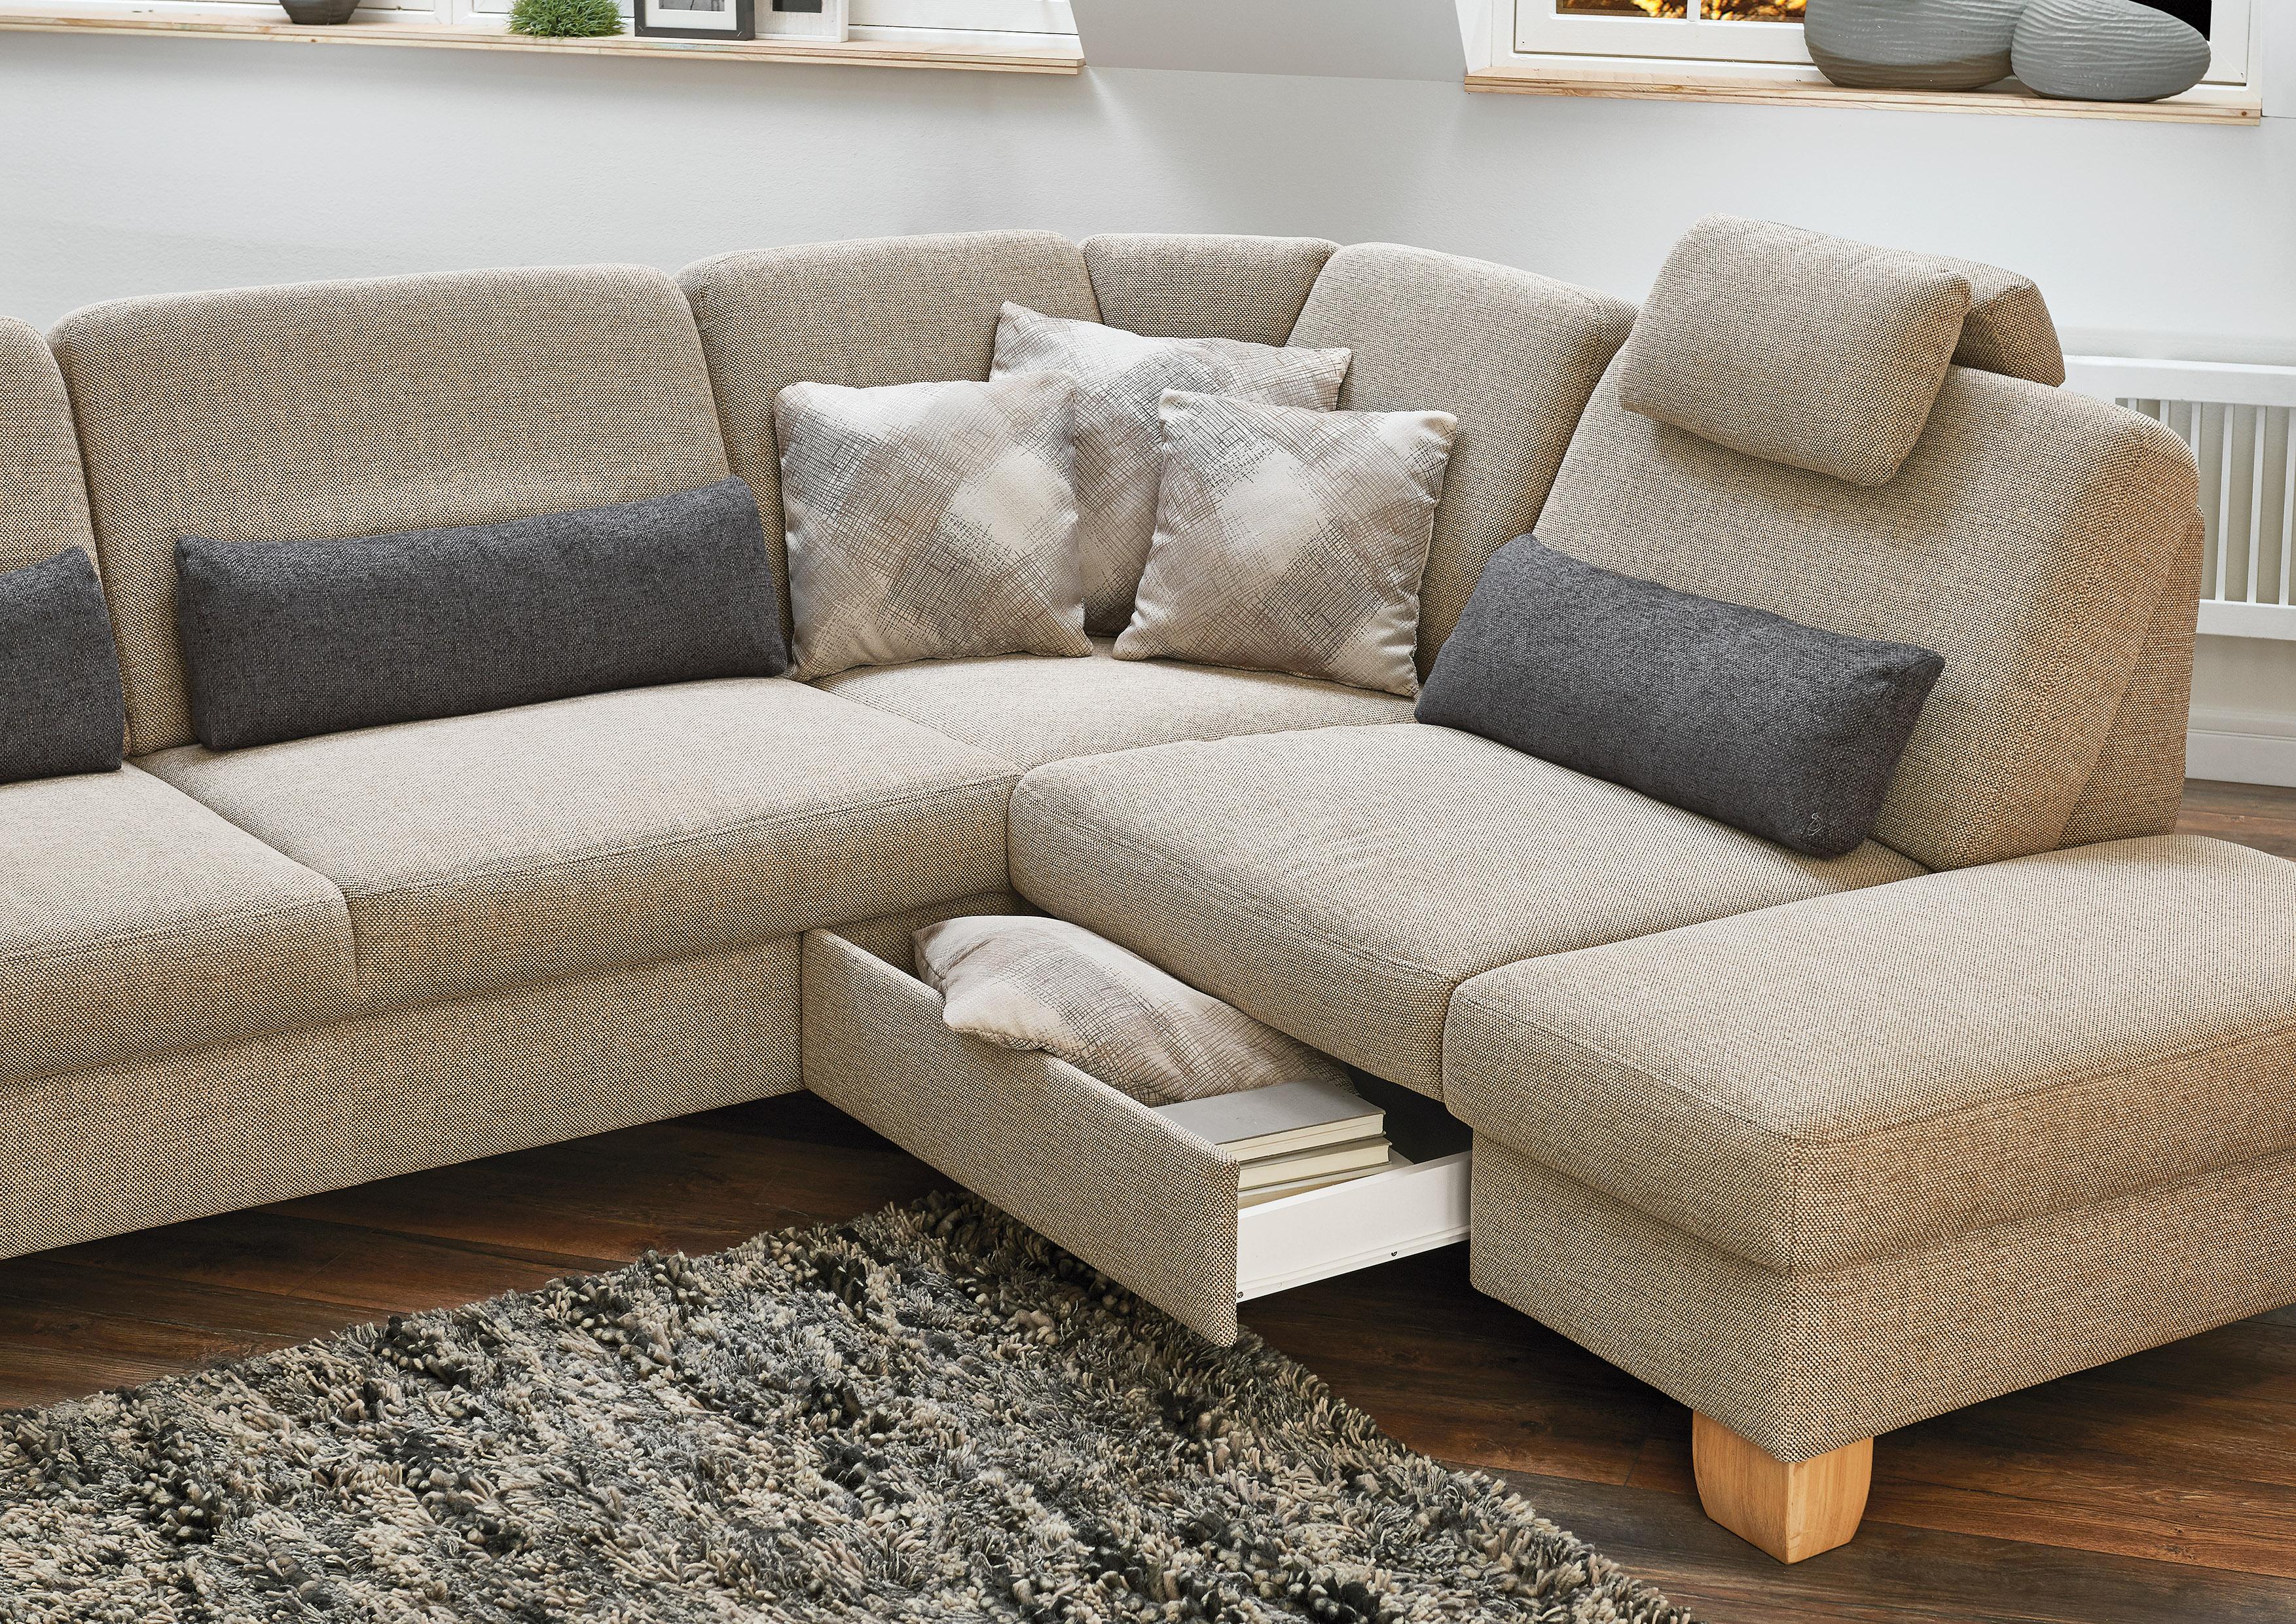 polipol cap ecksofa sand m bel letz ihr online shop. Black Bedroom Furniture Sets. Home Design Ideas